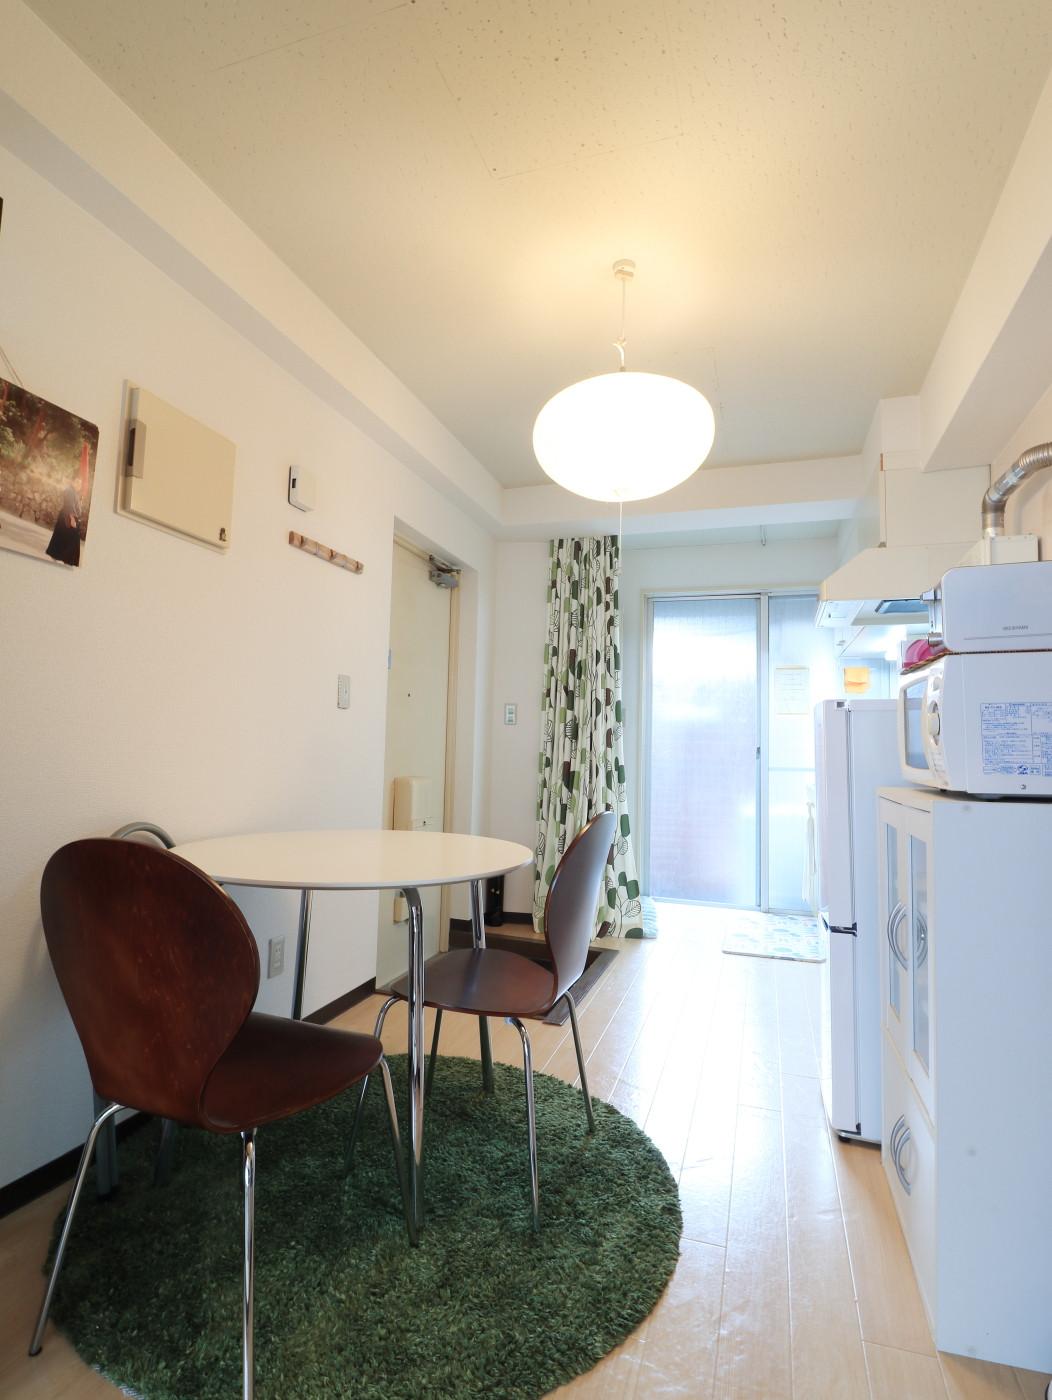 レトロモダンな雰囲気が魅力的なお部屋!家具家電付きで入居されたその日から自宅のようにくつろいでいただける空間となっております。クローゼットもございますので、ぜひご利用ください(^^♪